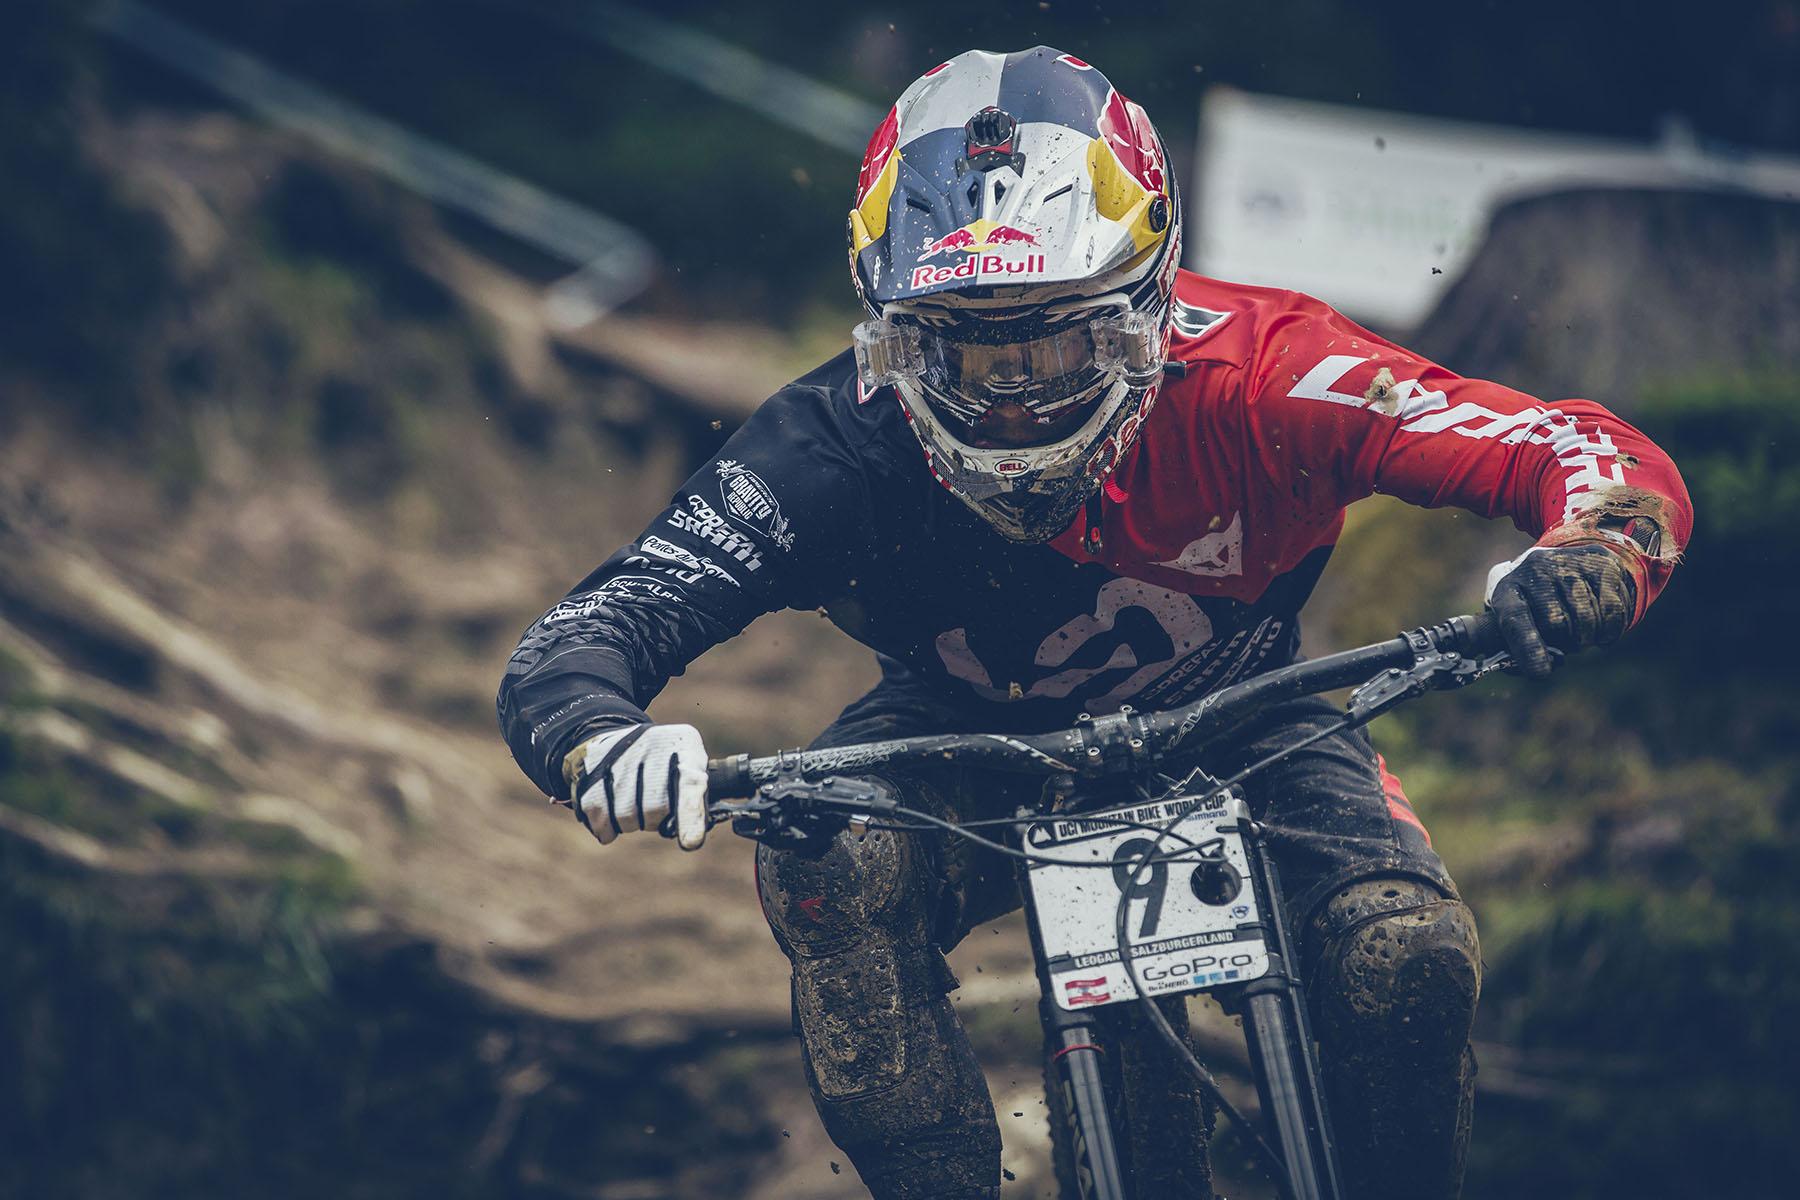 Loic Bruni crashte im Training, konnte sich aber wieder schnell auf das Wesentliche konzentrieren!